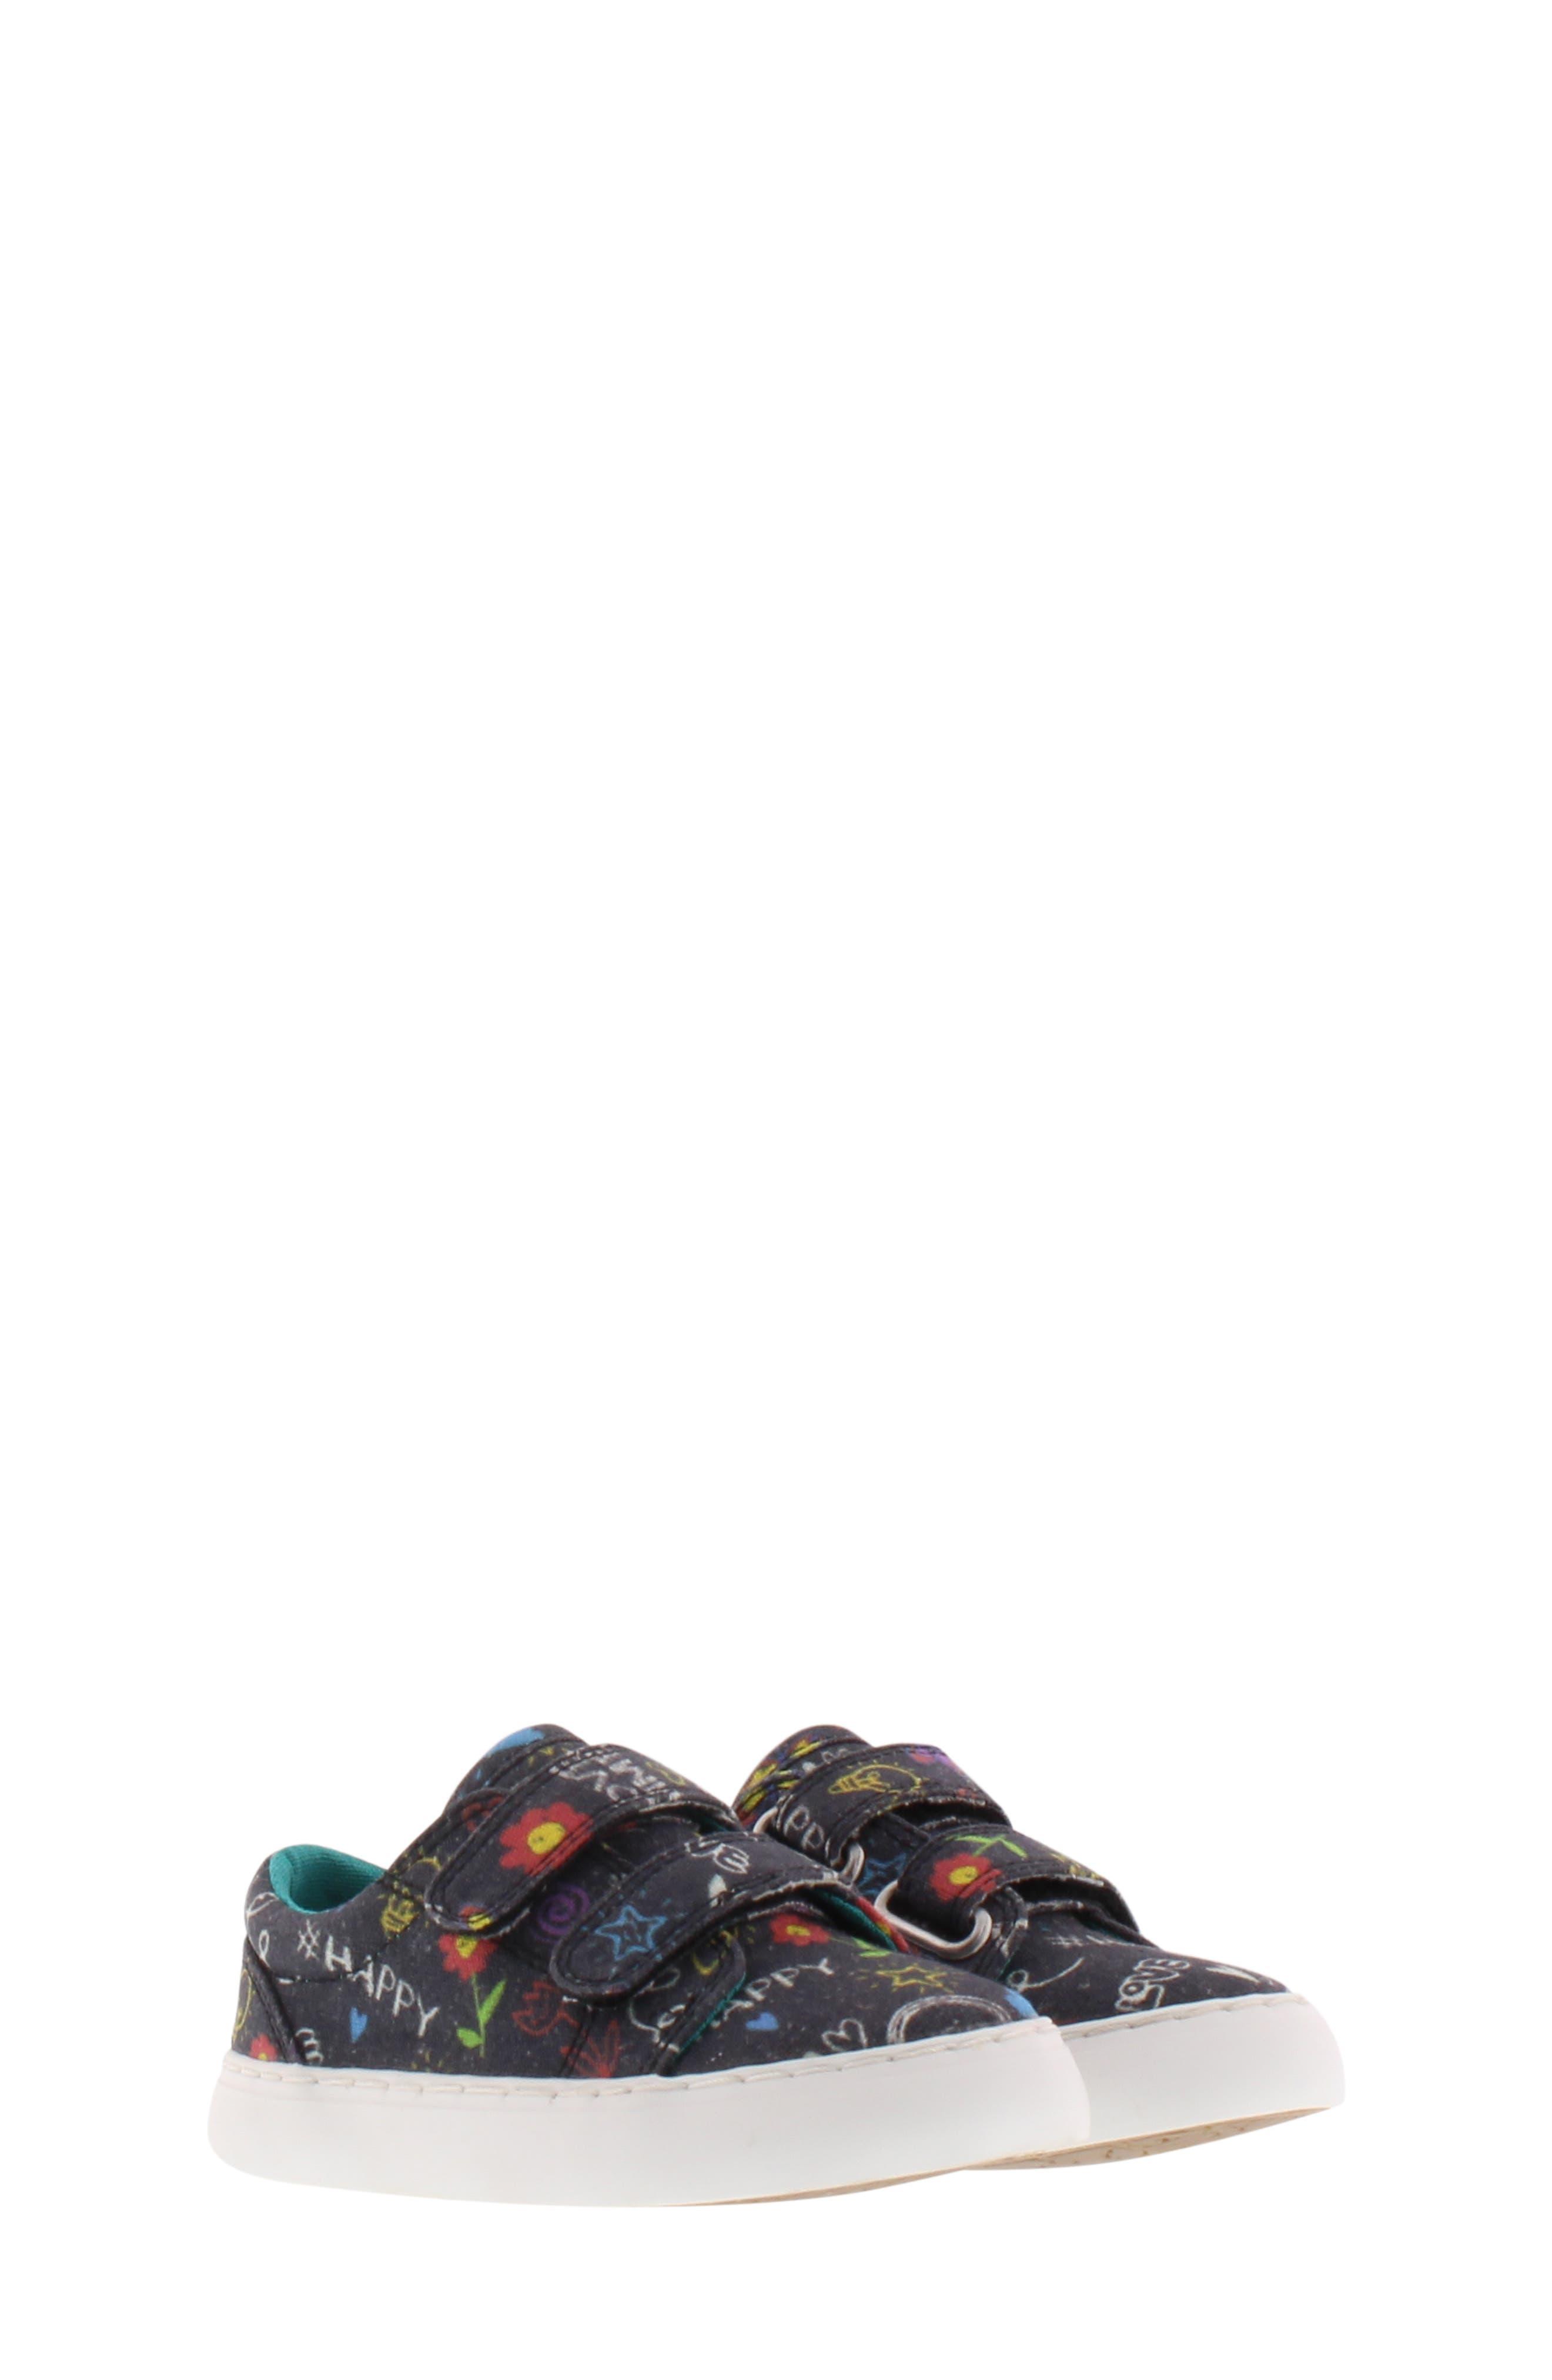 CHOOZE, Choose Move Bounce Sneaker, Main thumbnail 1, color, CHARCOAL